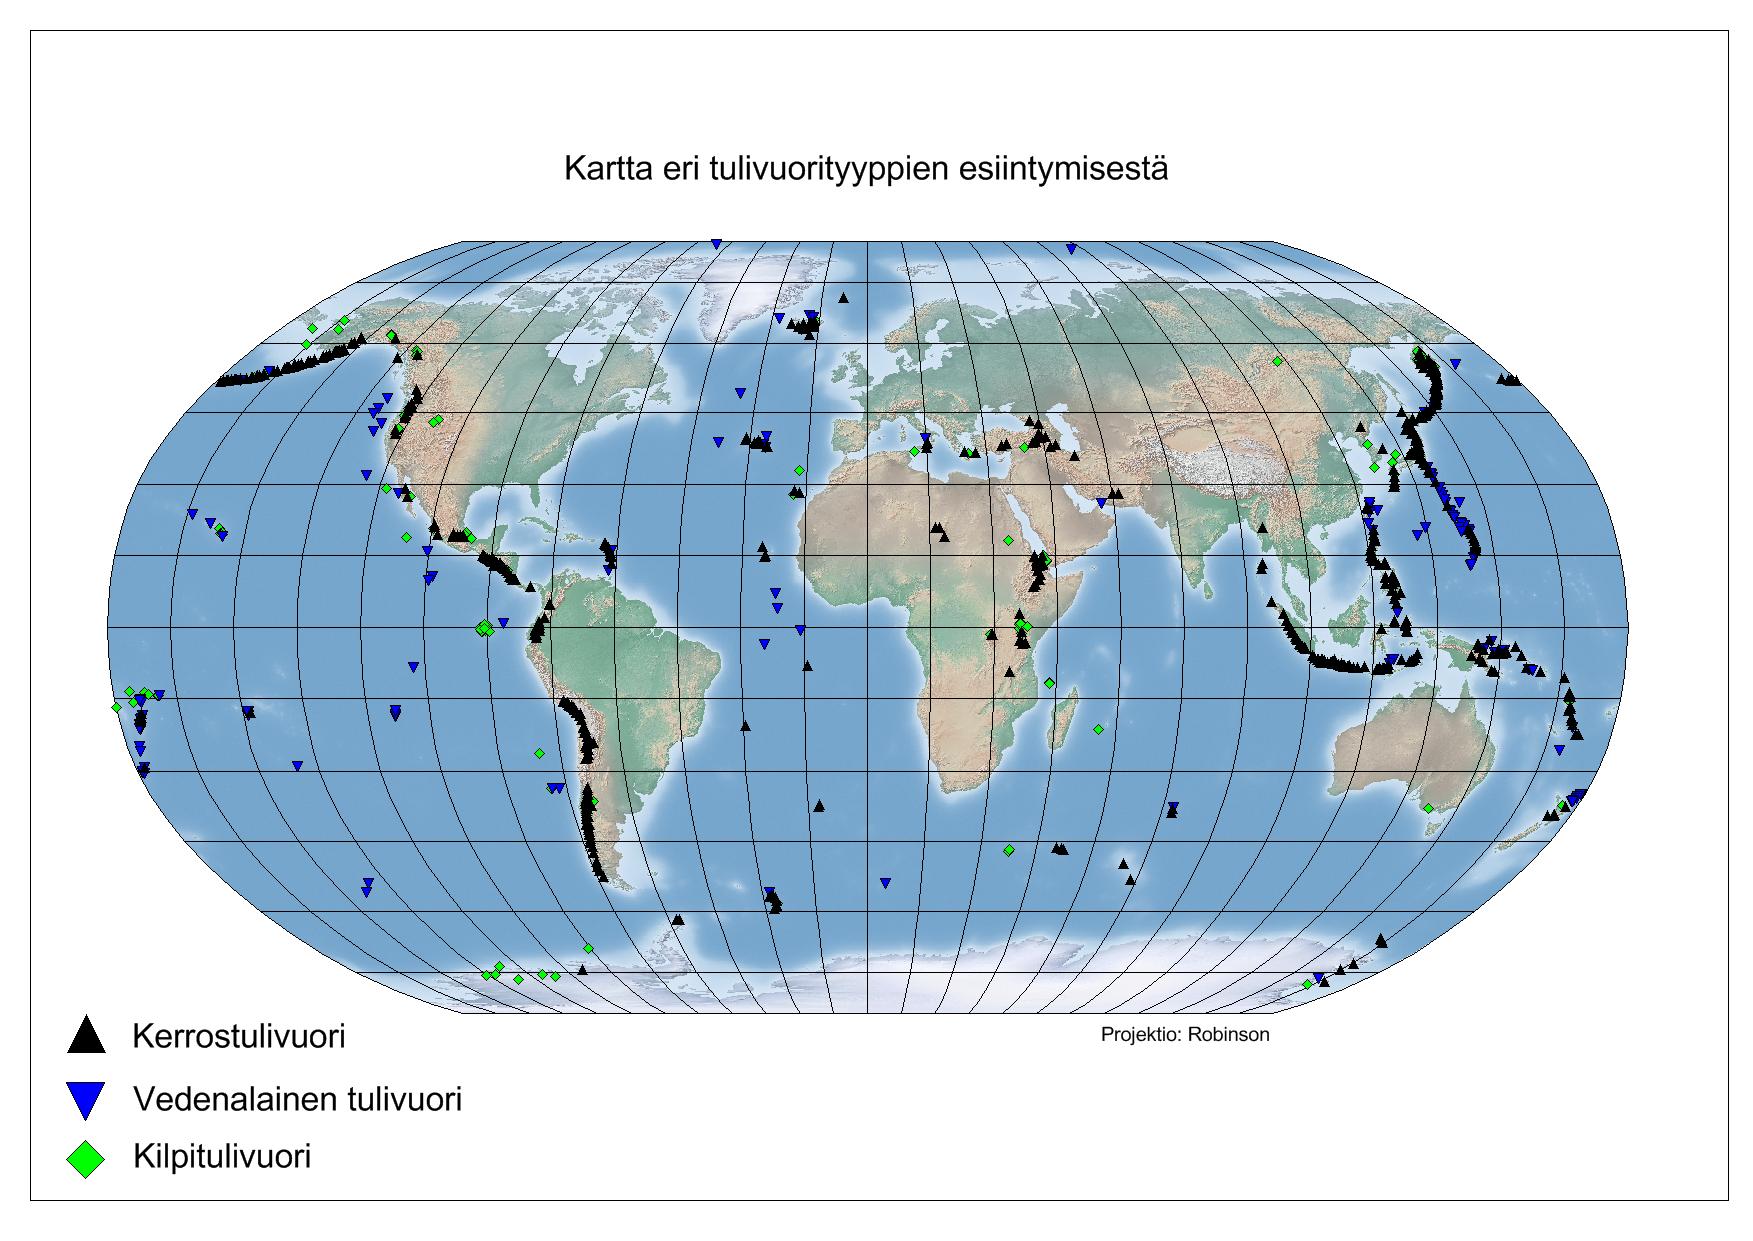 Kuva 4. Kartta erilaisten tulivuorityyppien esiintymisestä. (Lähde: NOAA)